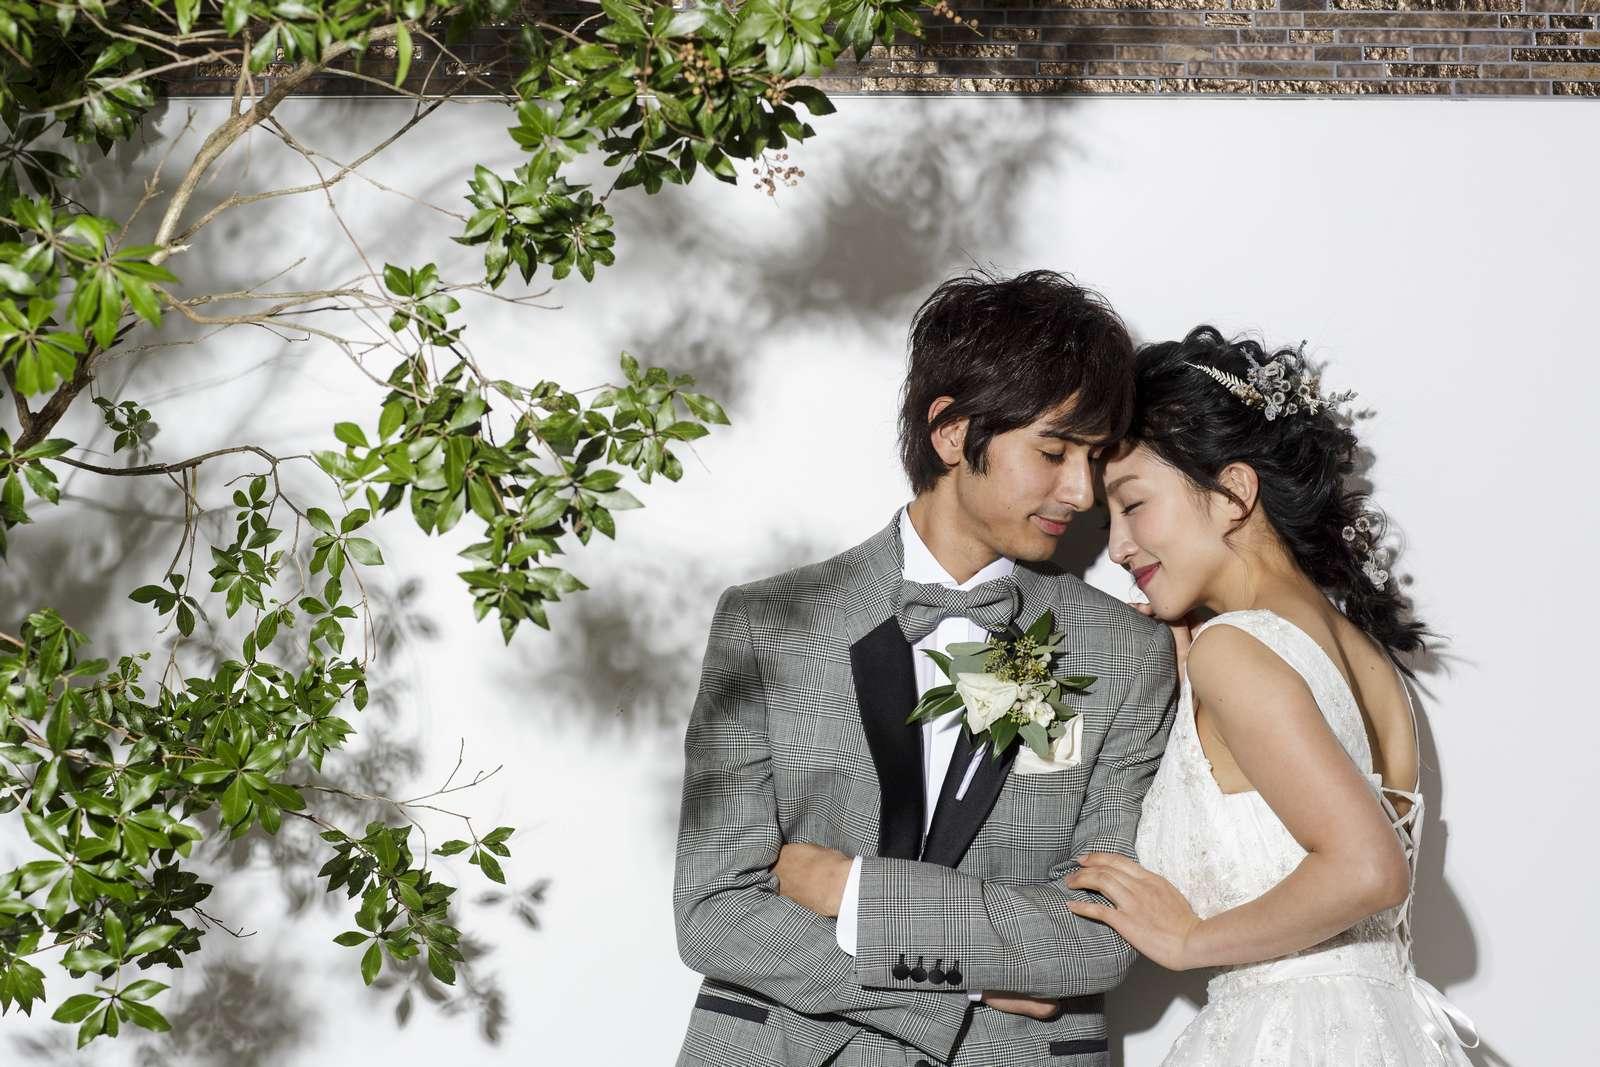 香川県の結婚式場アイスタイルの結婚式イメージ